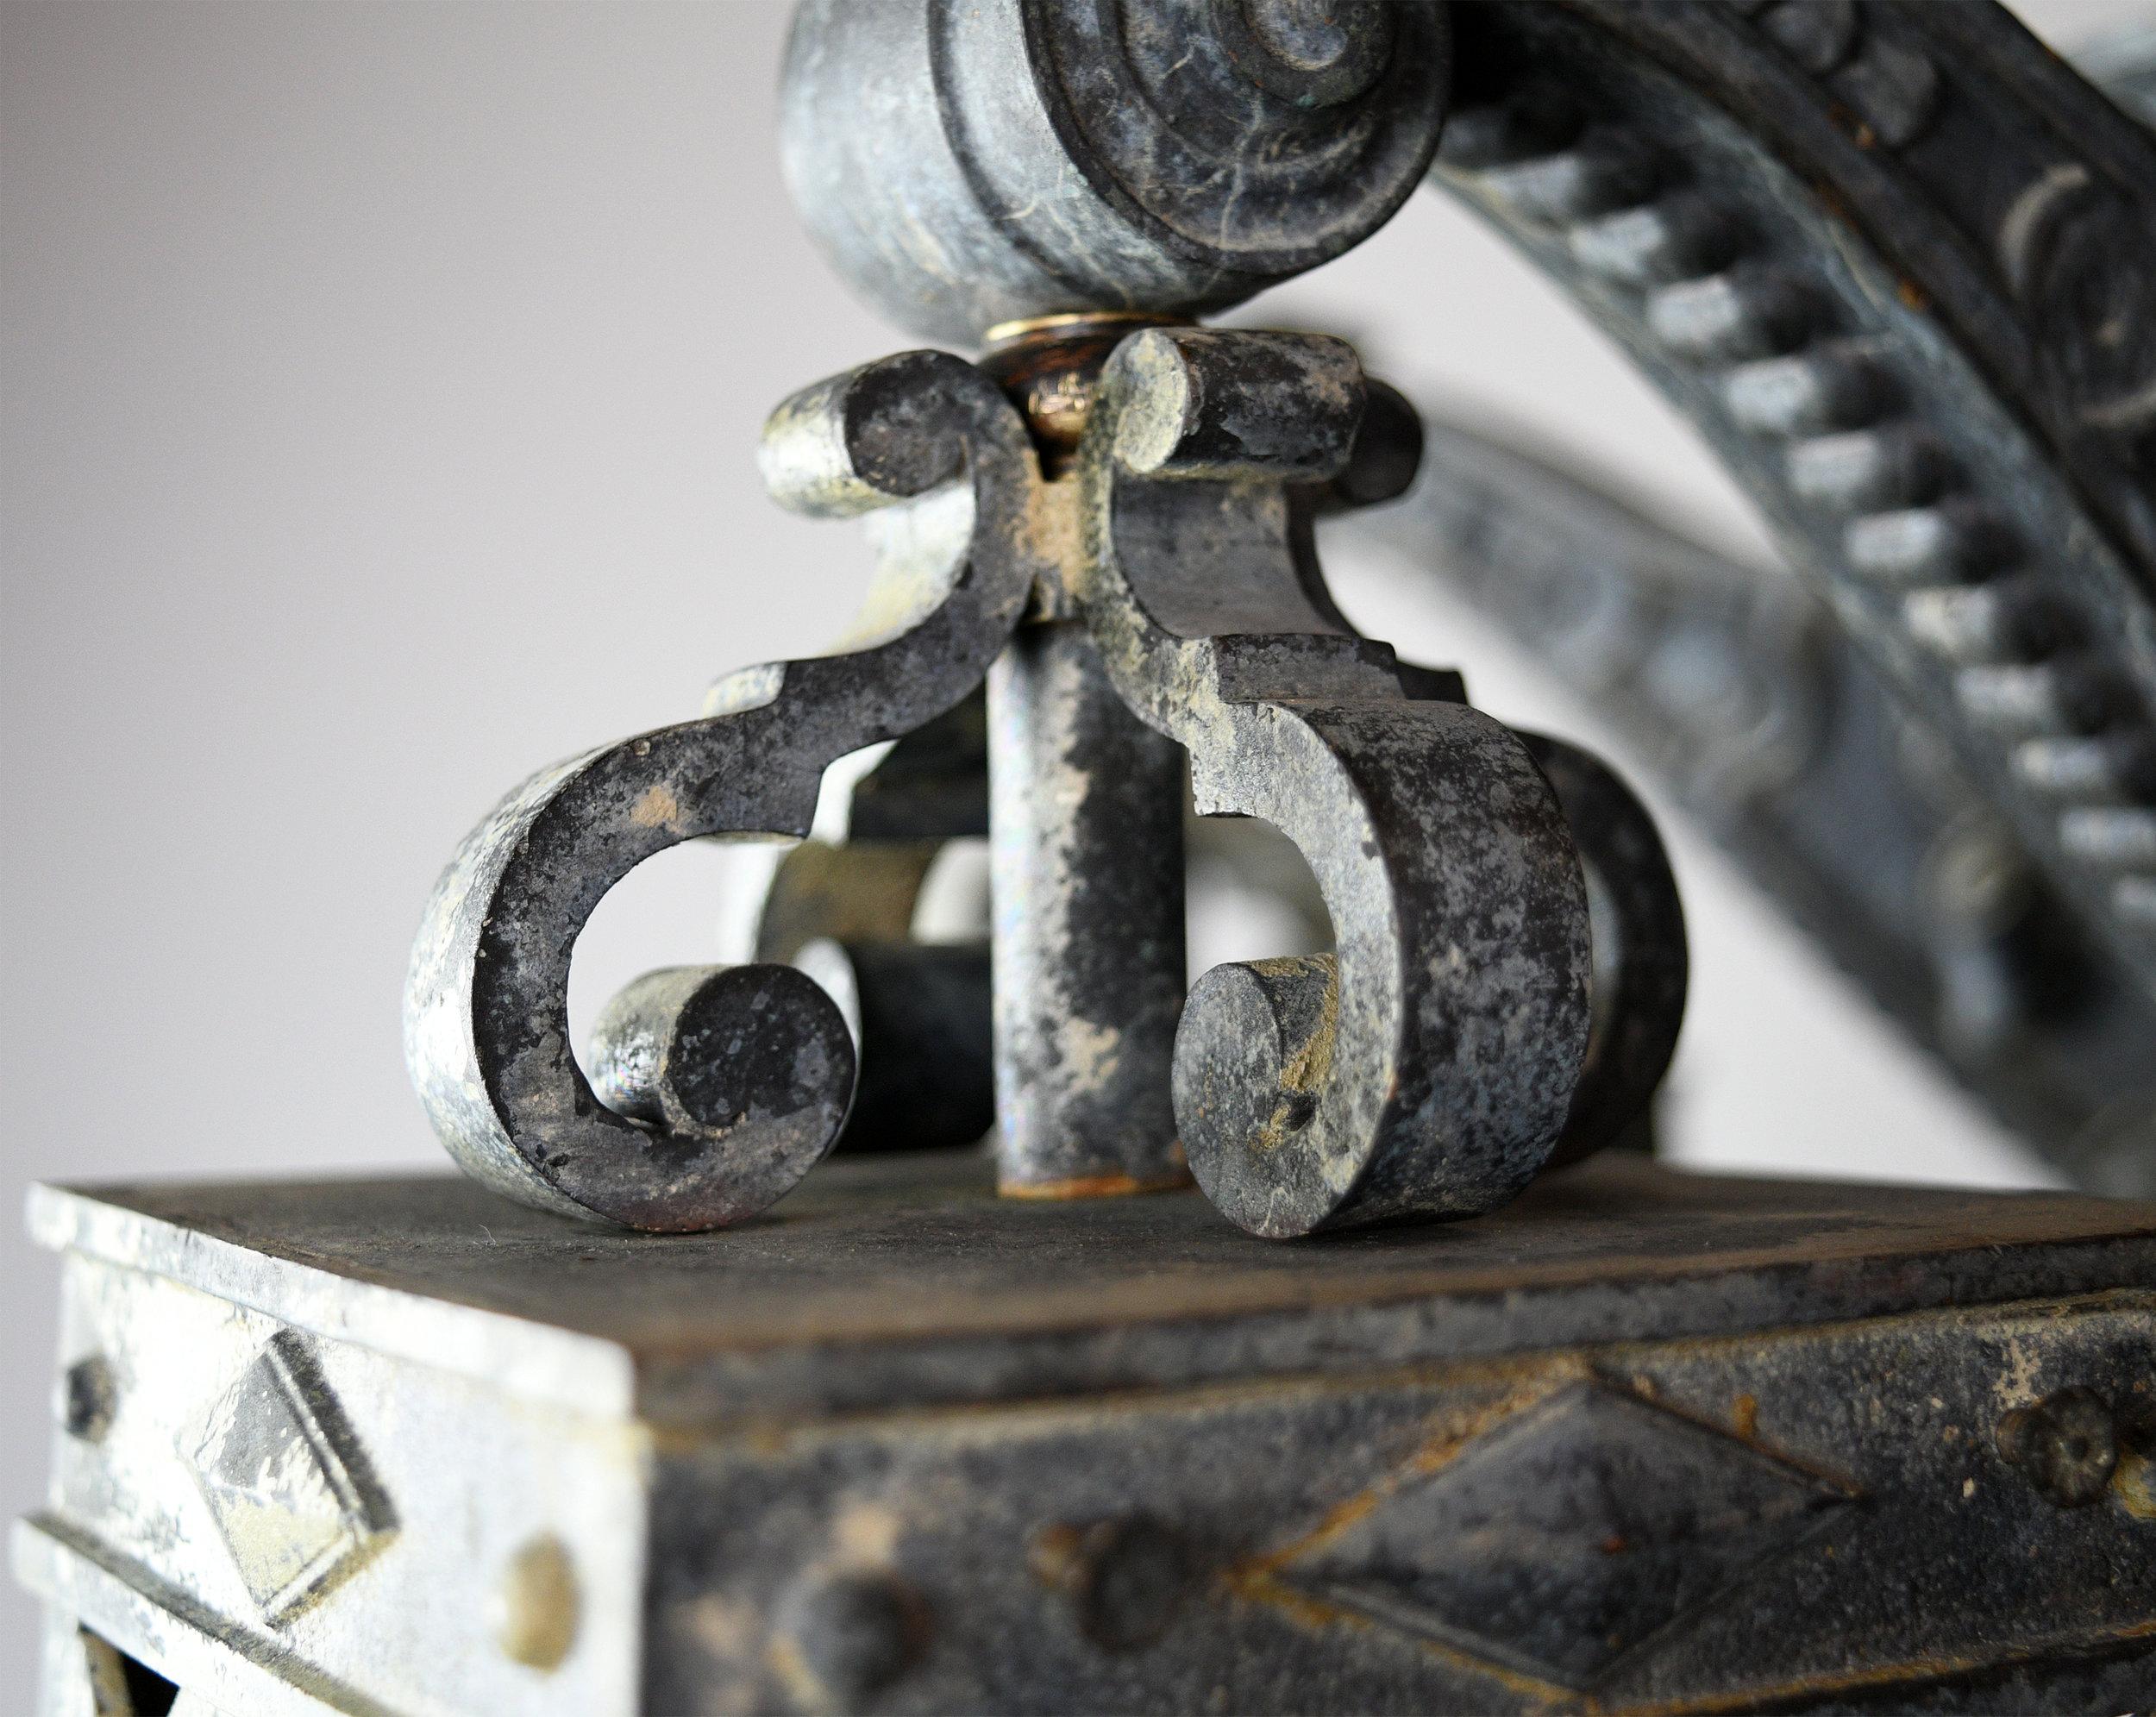 47235-cast-bronze-chandelier-12.jpg